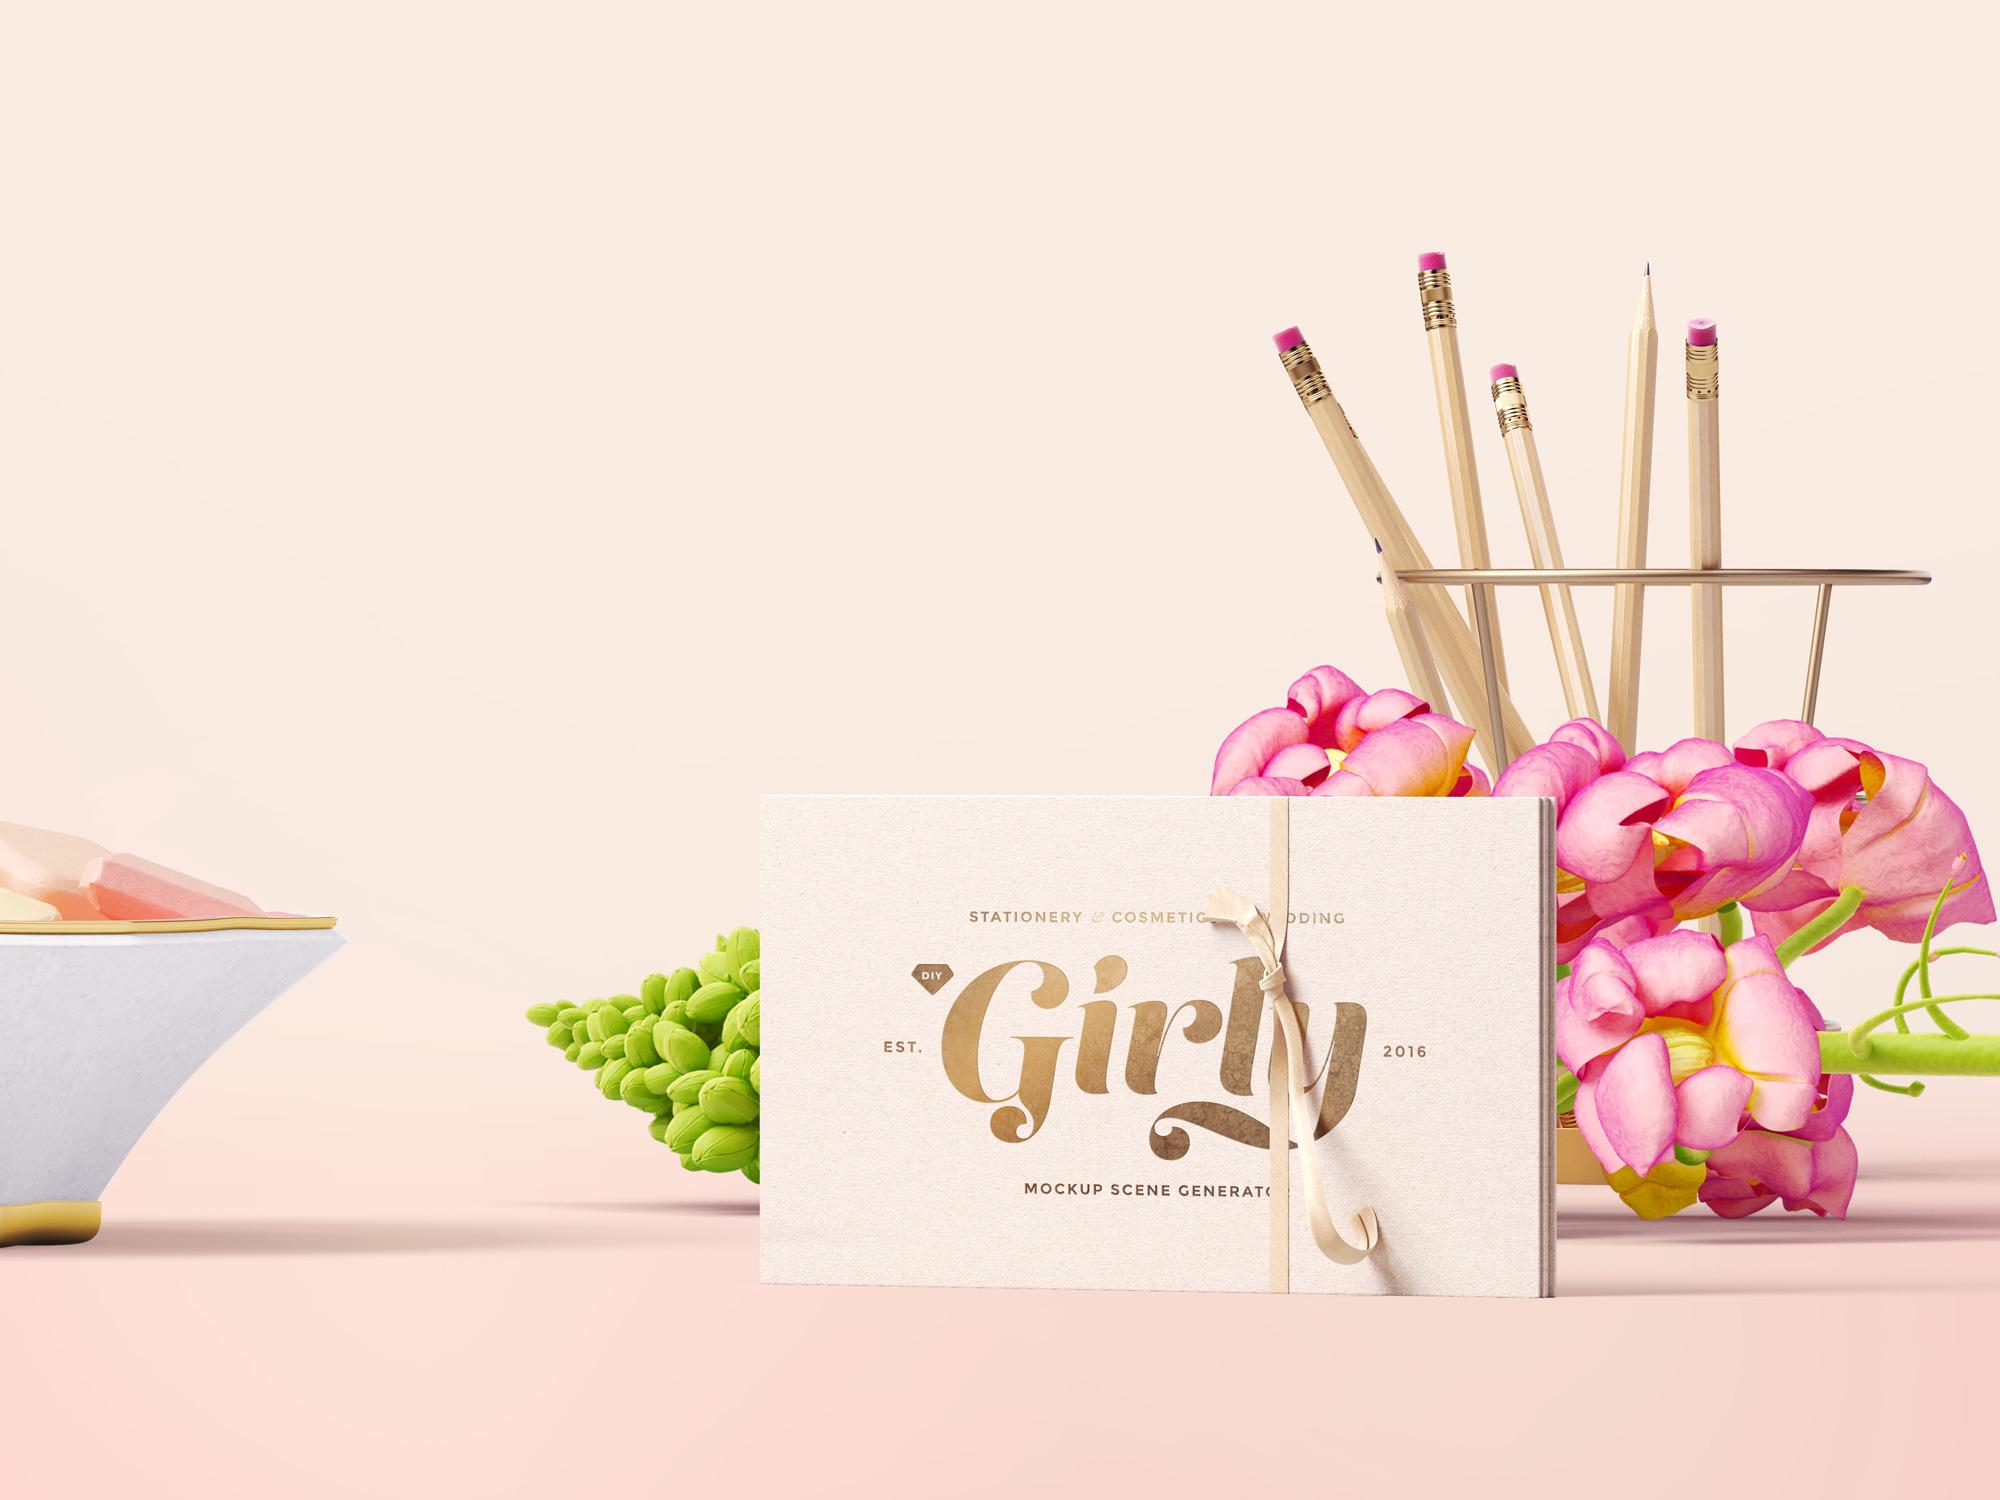 Three Girly Branding Mockups